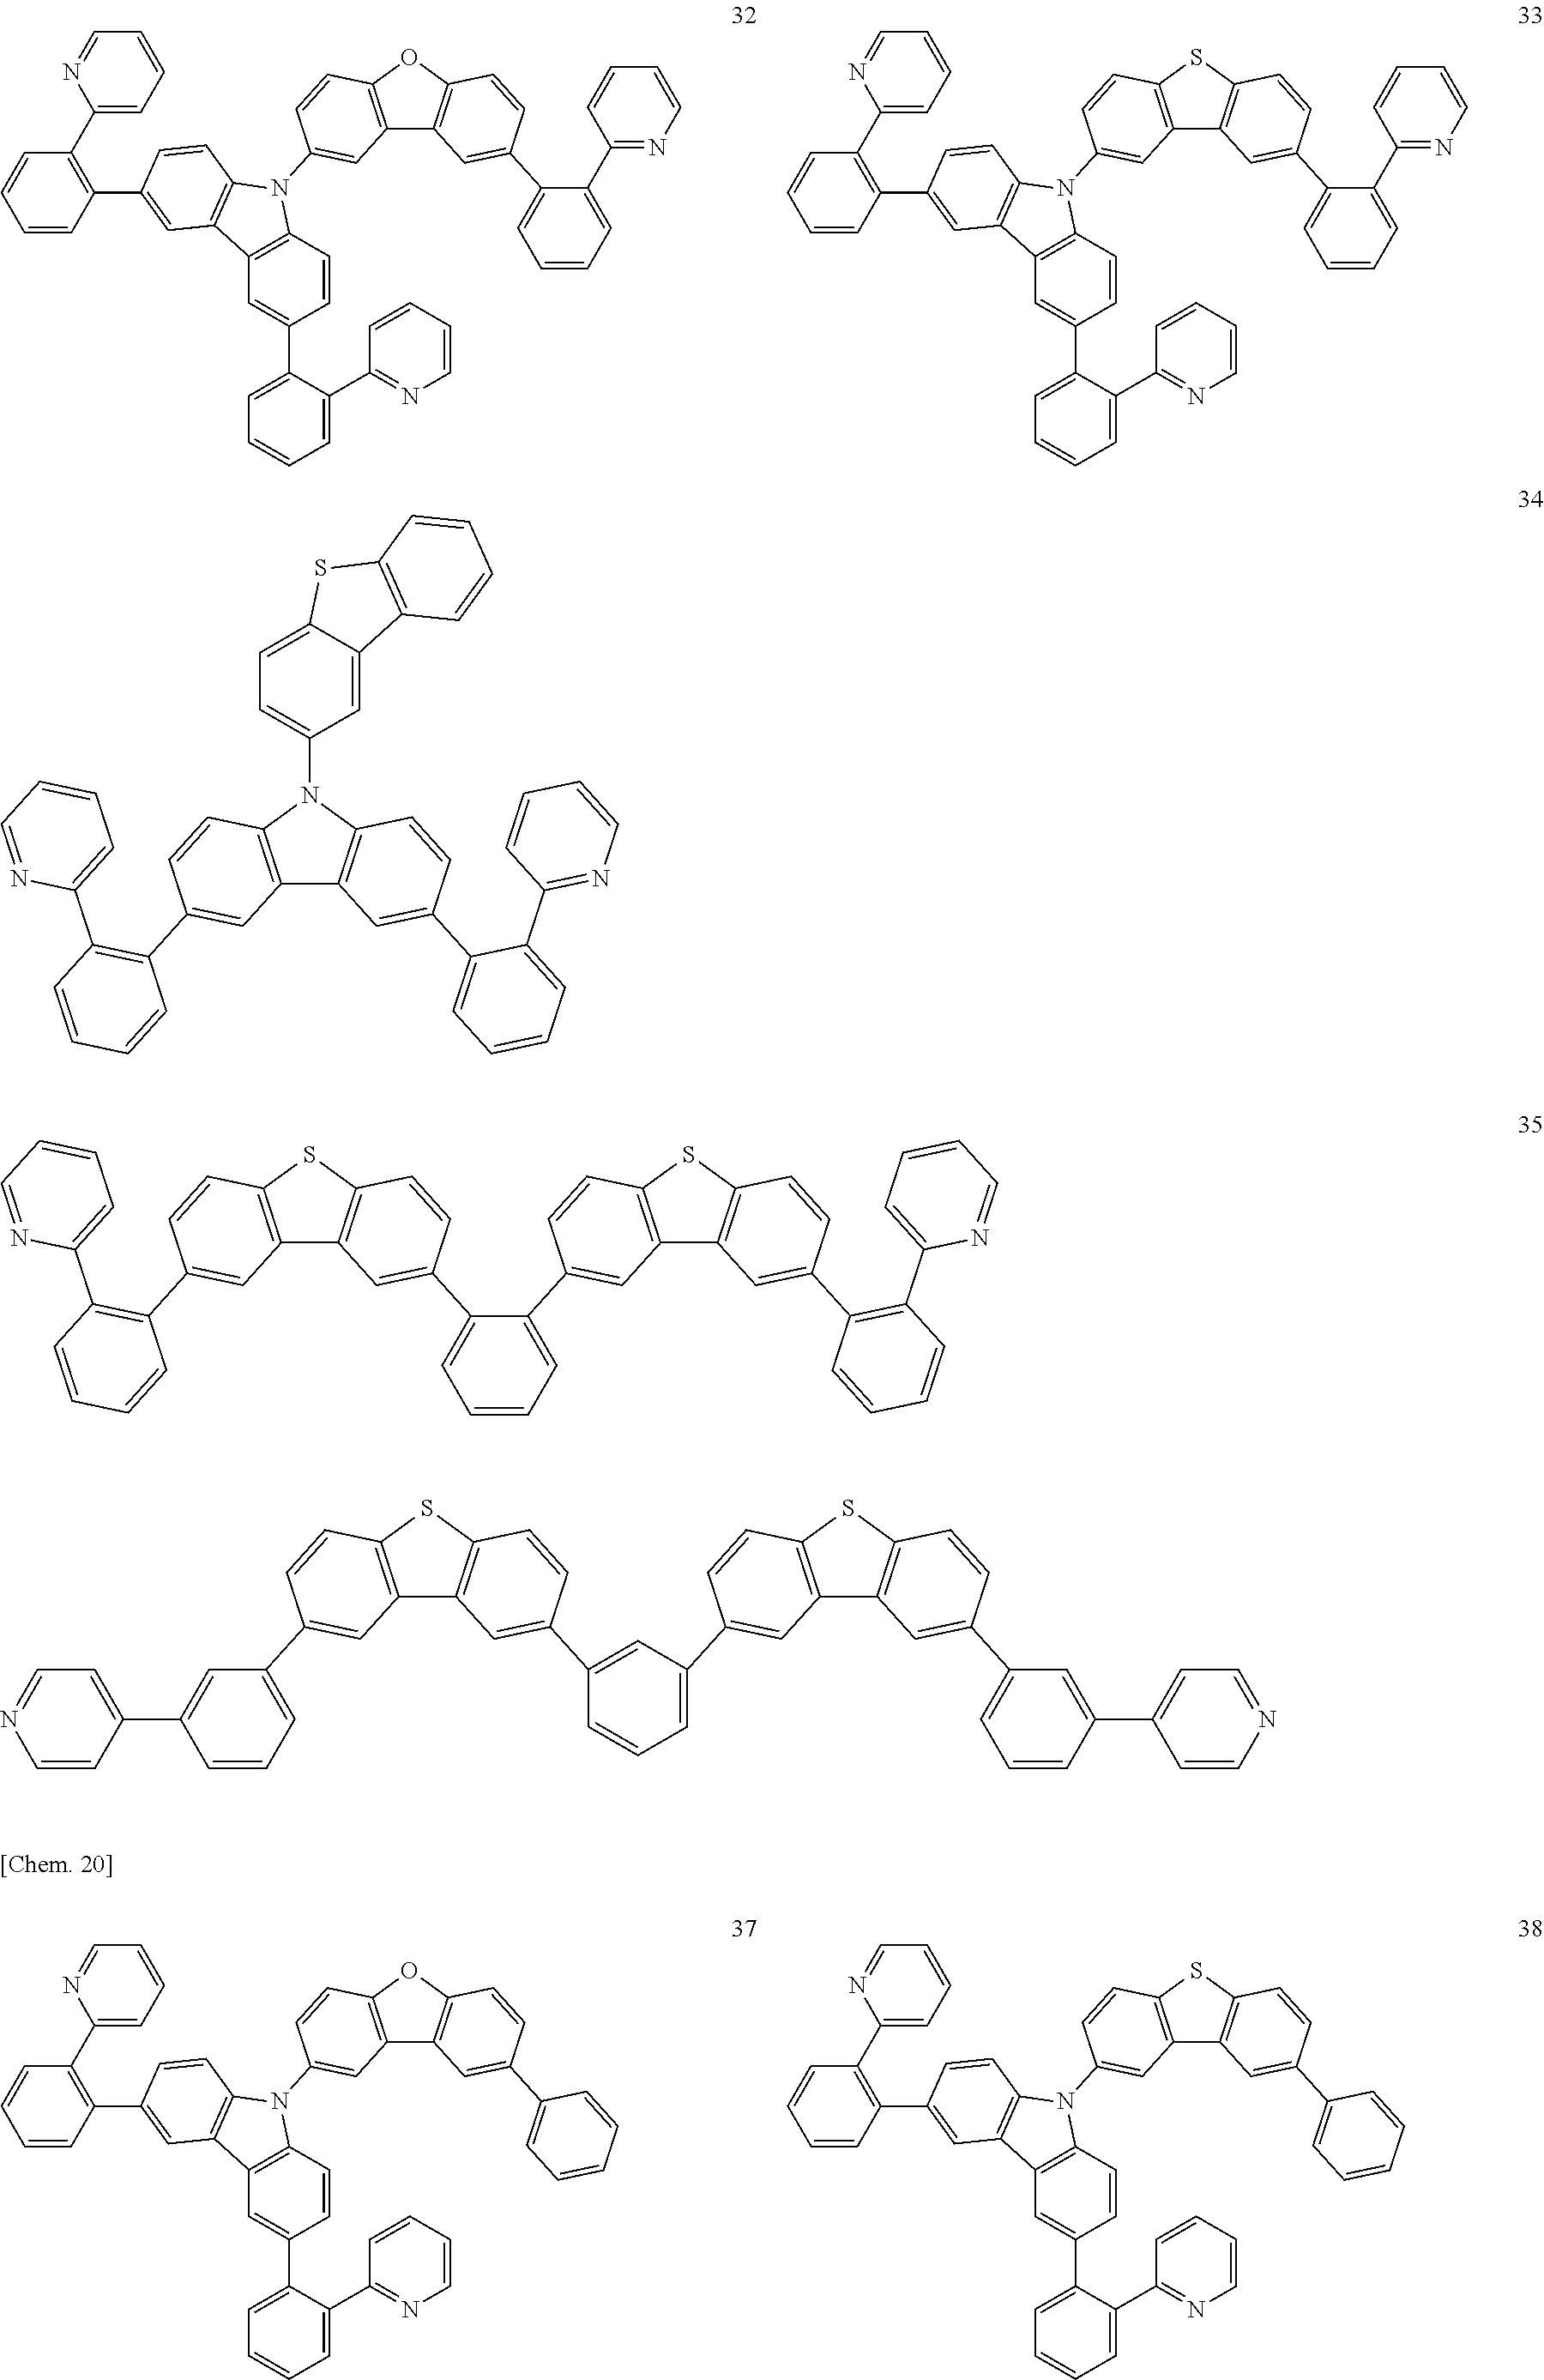 Figure US20150303398A1-20151022-C00020